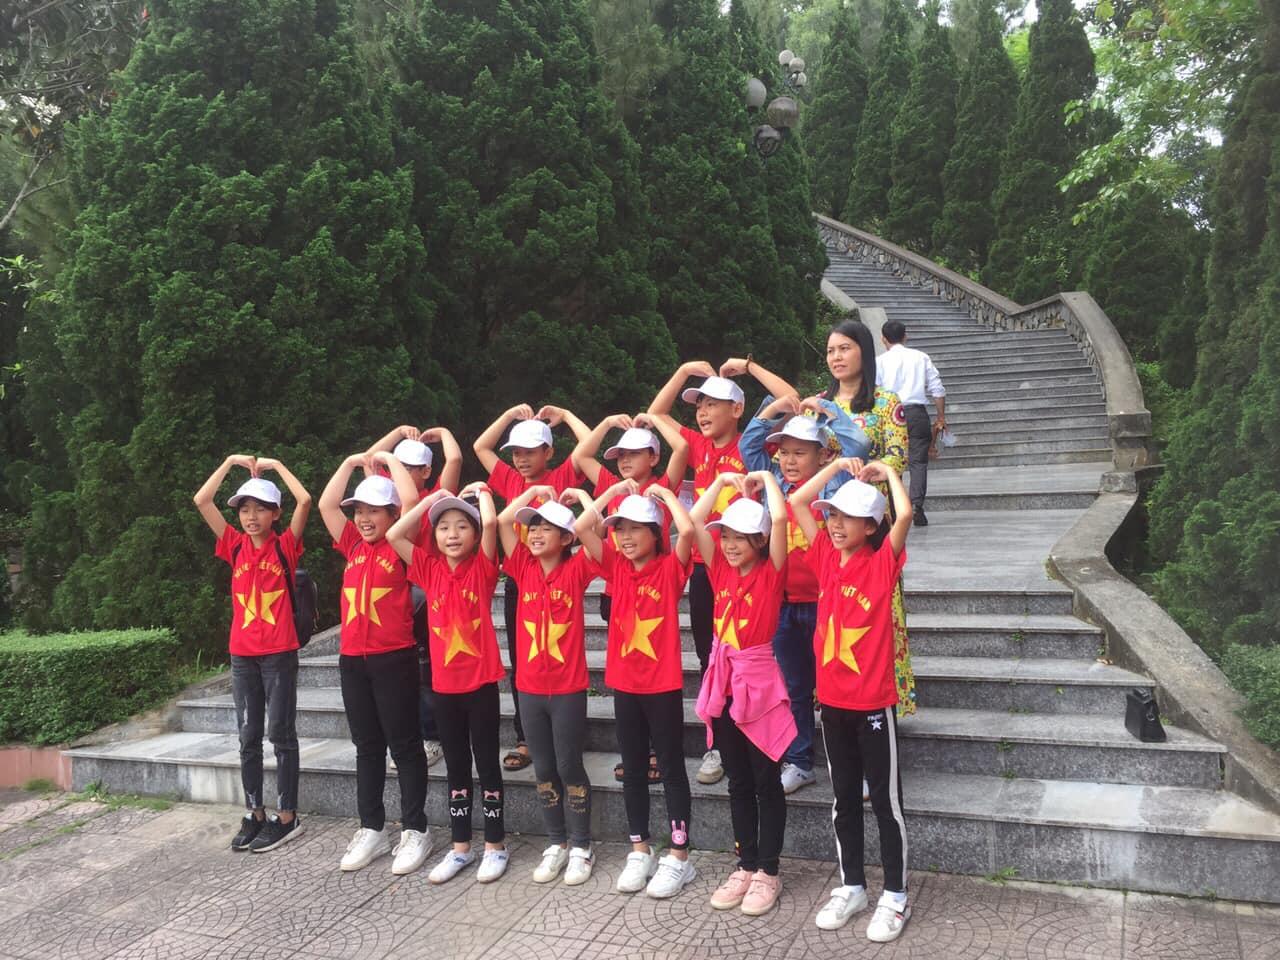 Các em học sinh vui vẻ hào hứng tham gia chương trình dã ngoại